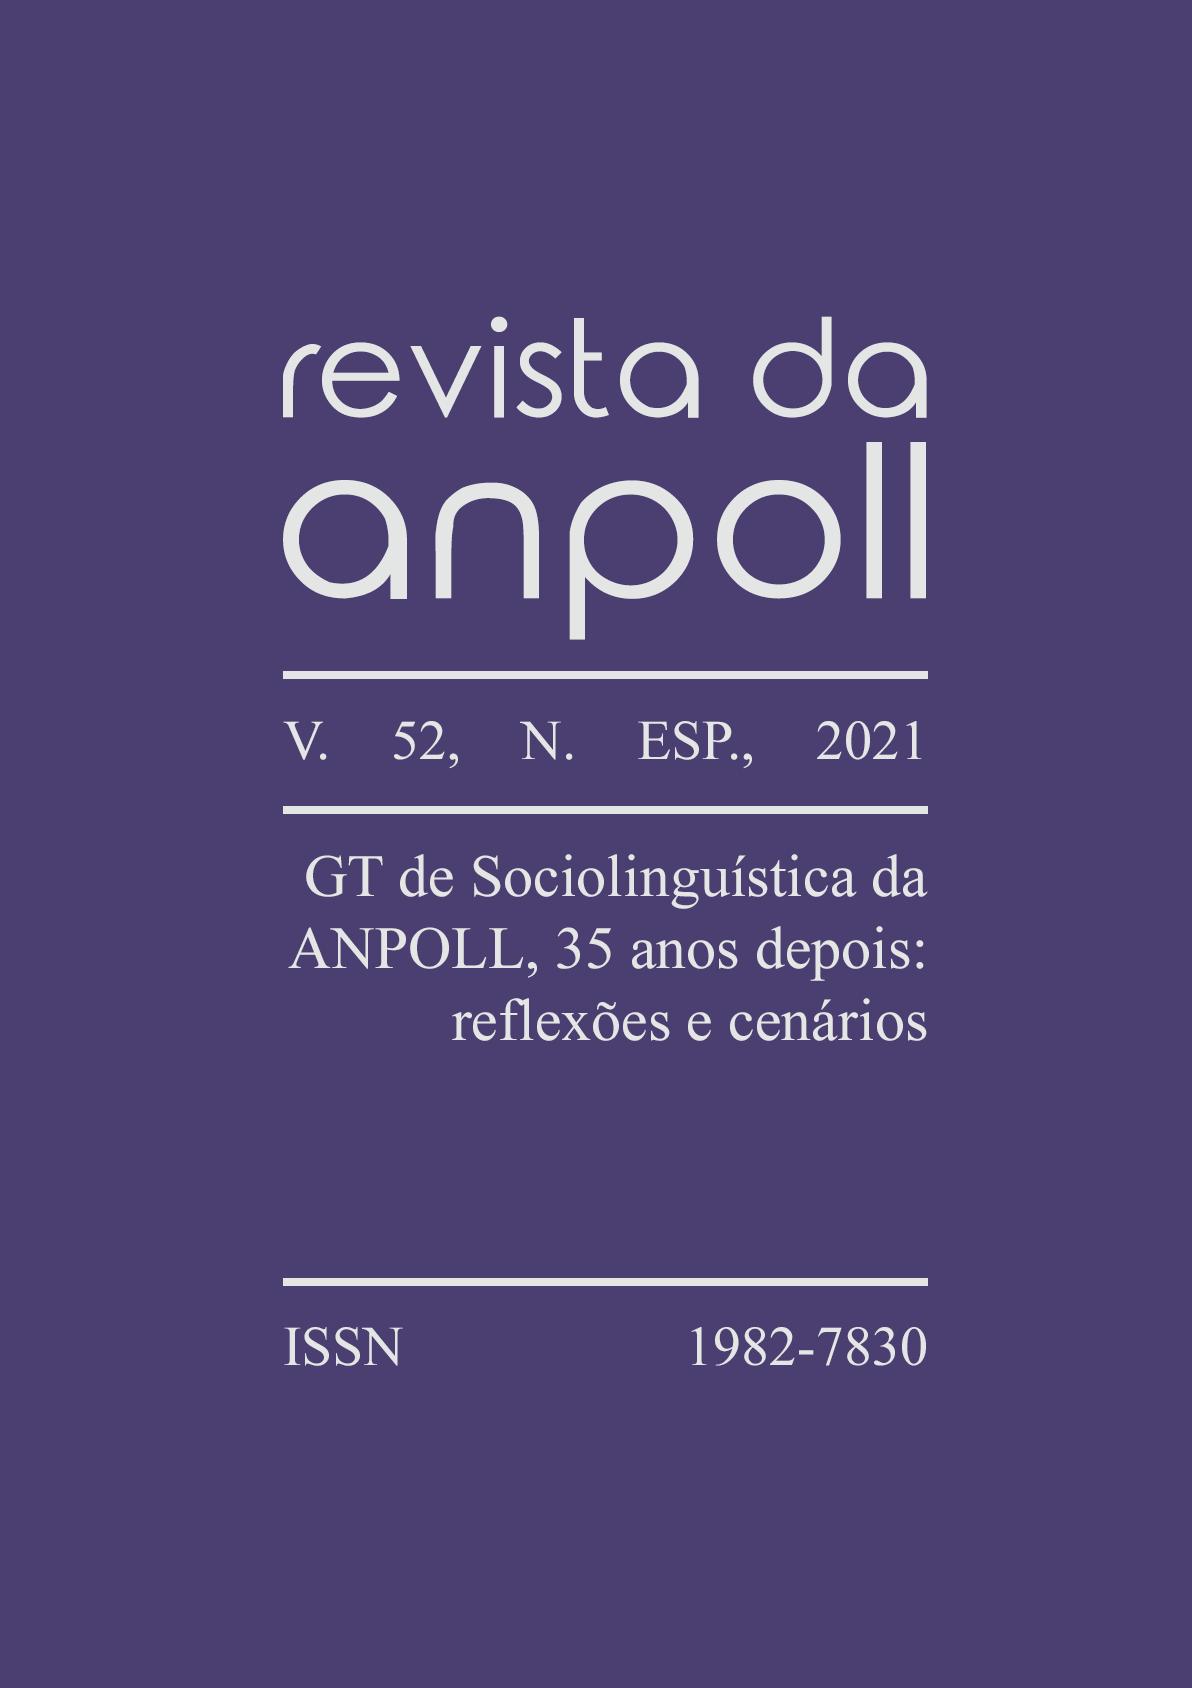 Visualizar v. 52 n. esp (2021): GT de Sociolinguística da ANPOLL, 35 anos depois: reflexões e cenários